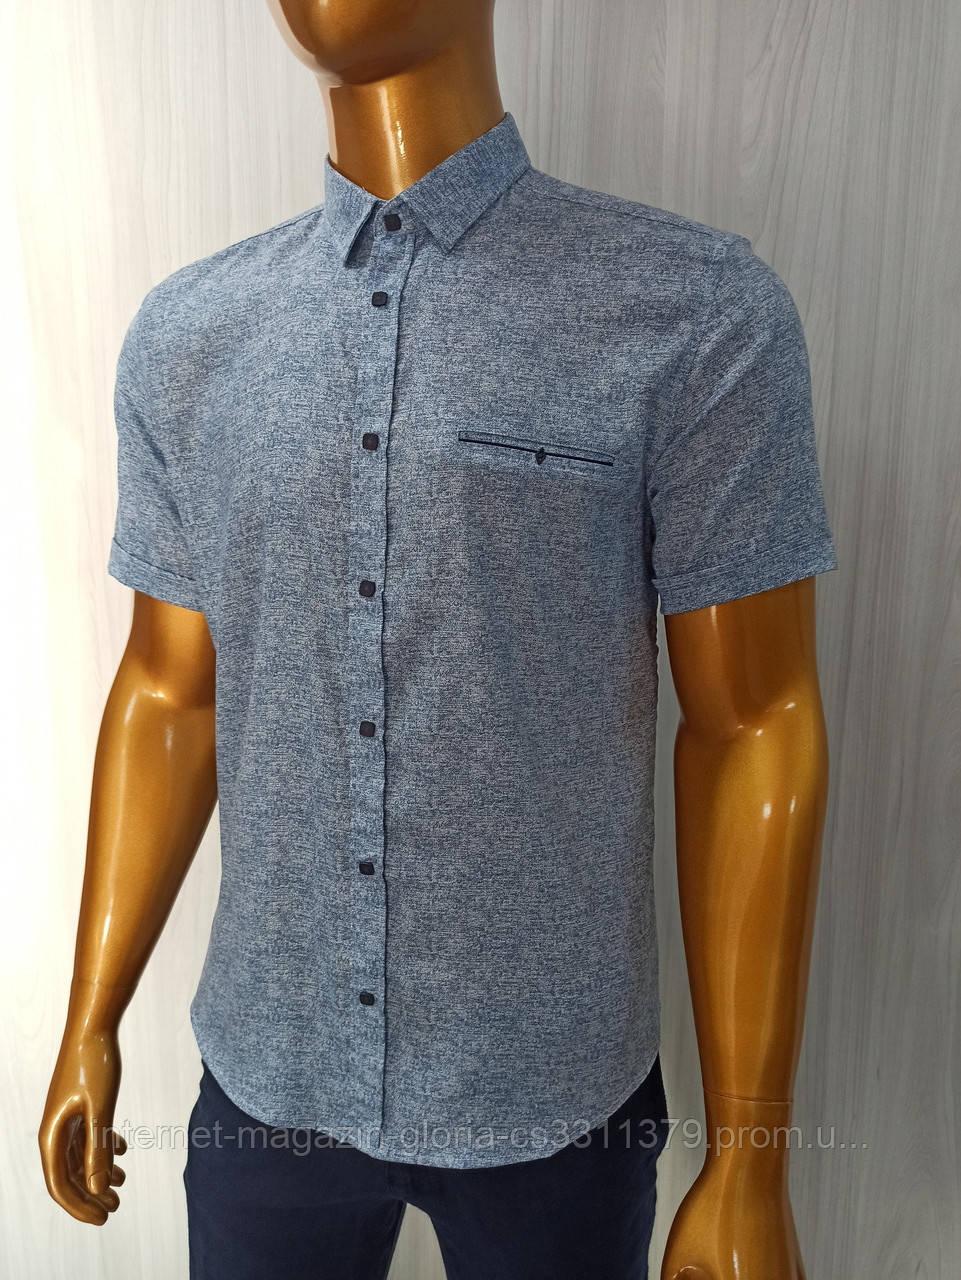 Мужская рубашка Amato. AG.19397-2(g). Размеры:M,L,XL(2), 2XL.